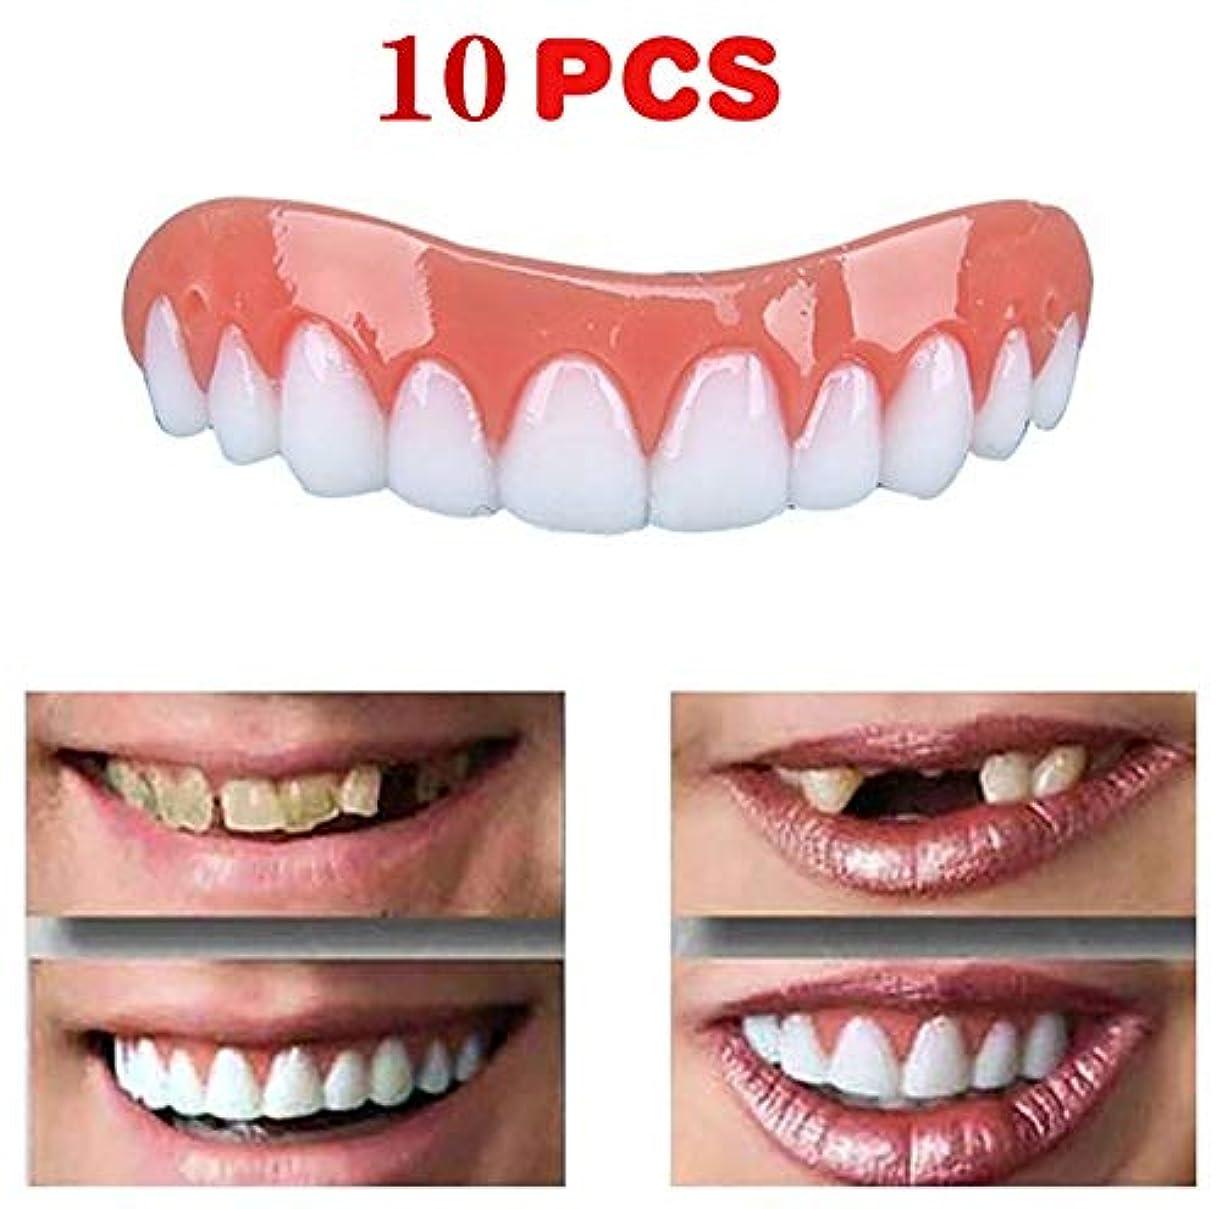 理容師変化磁器新しい再利用可能な大人のスナップオンパーフェクトスマイルホワイトニング義歯フィットフレックス化粧品歯快適なベニアカバーデンタルケアアクセサリー